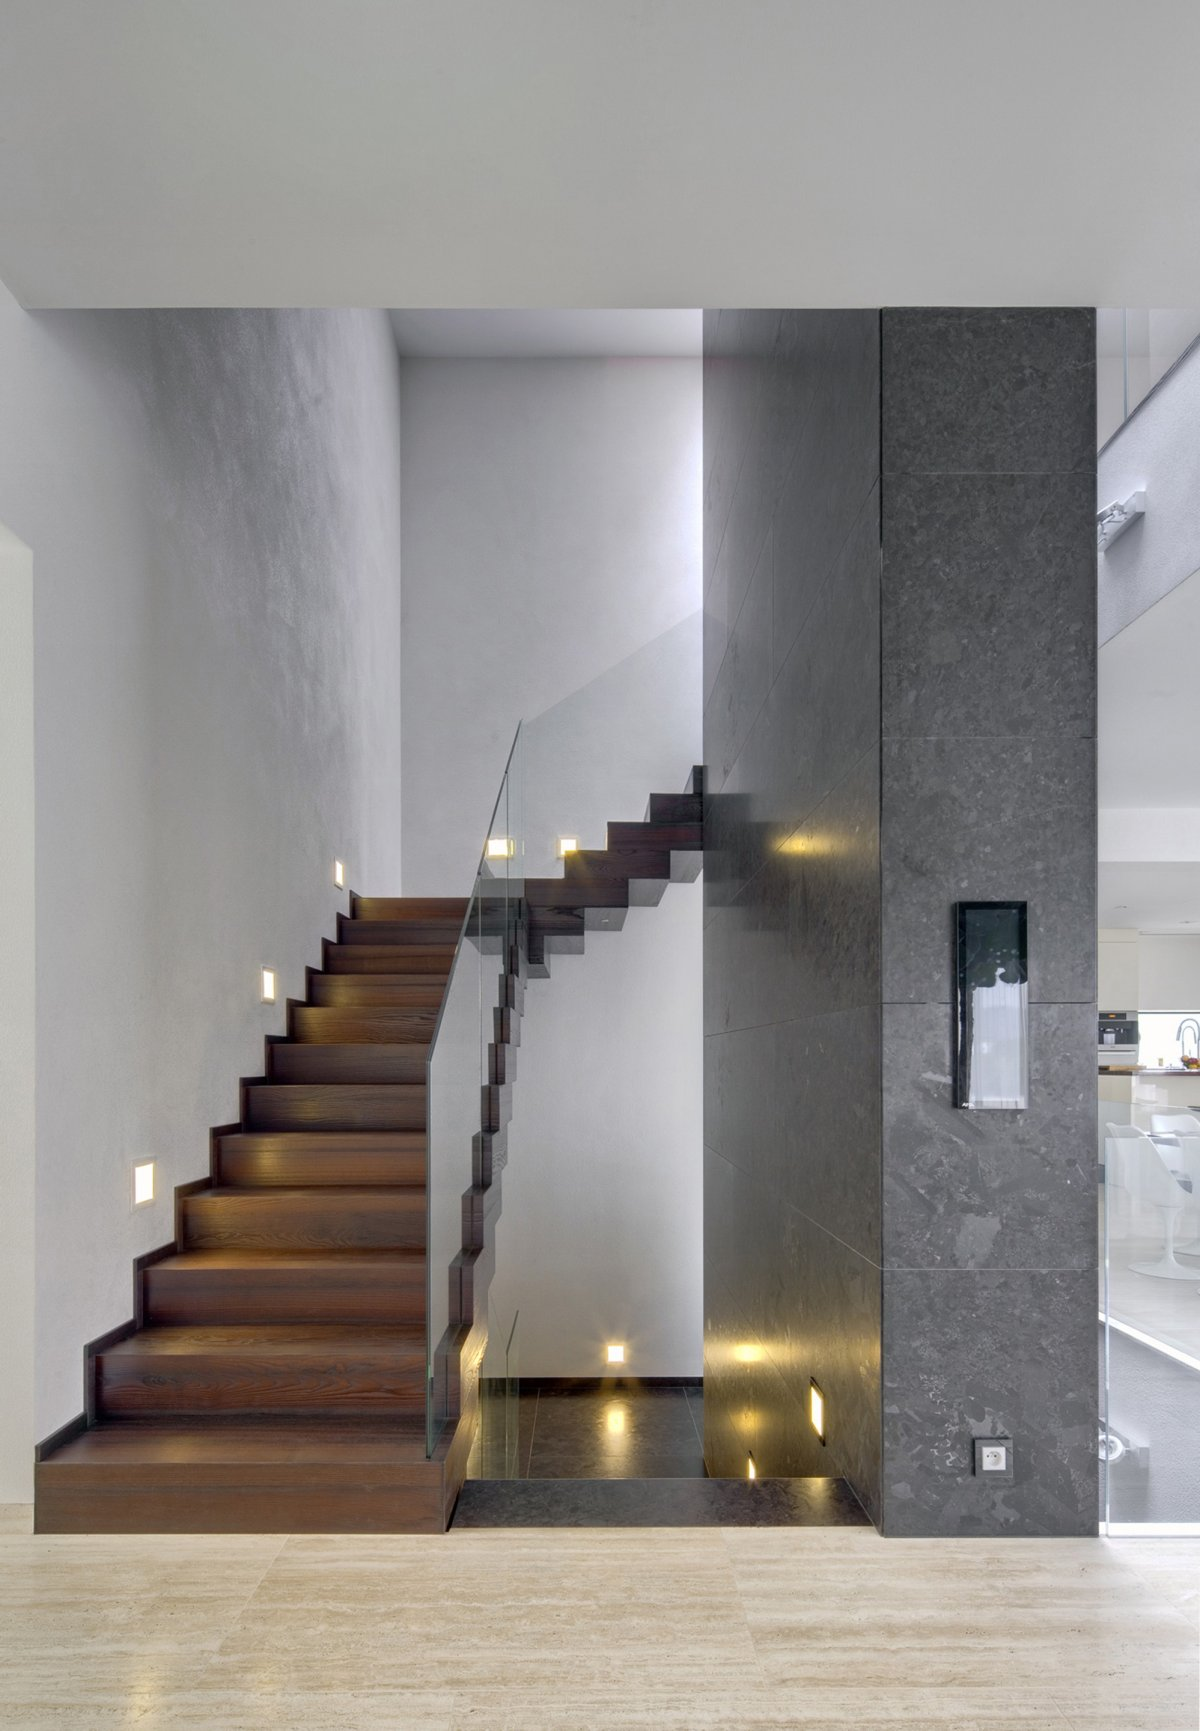 Wood & Glass Stairs, Tiles, Home in Decín, Czech Republic